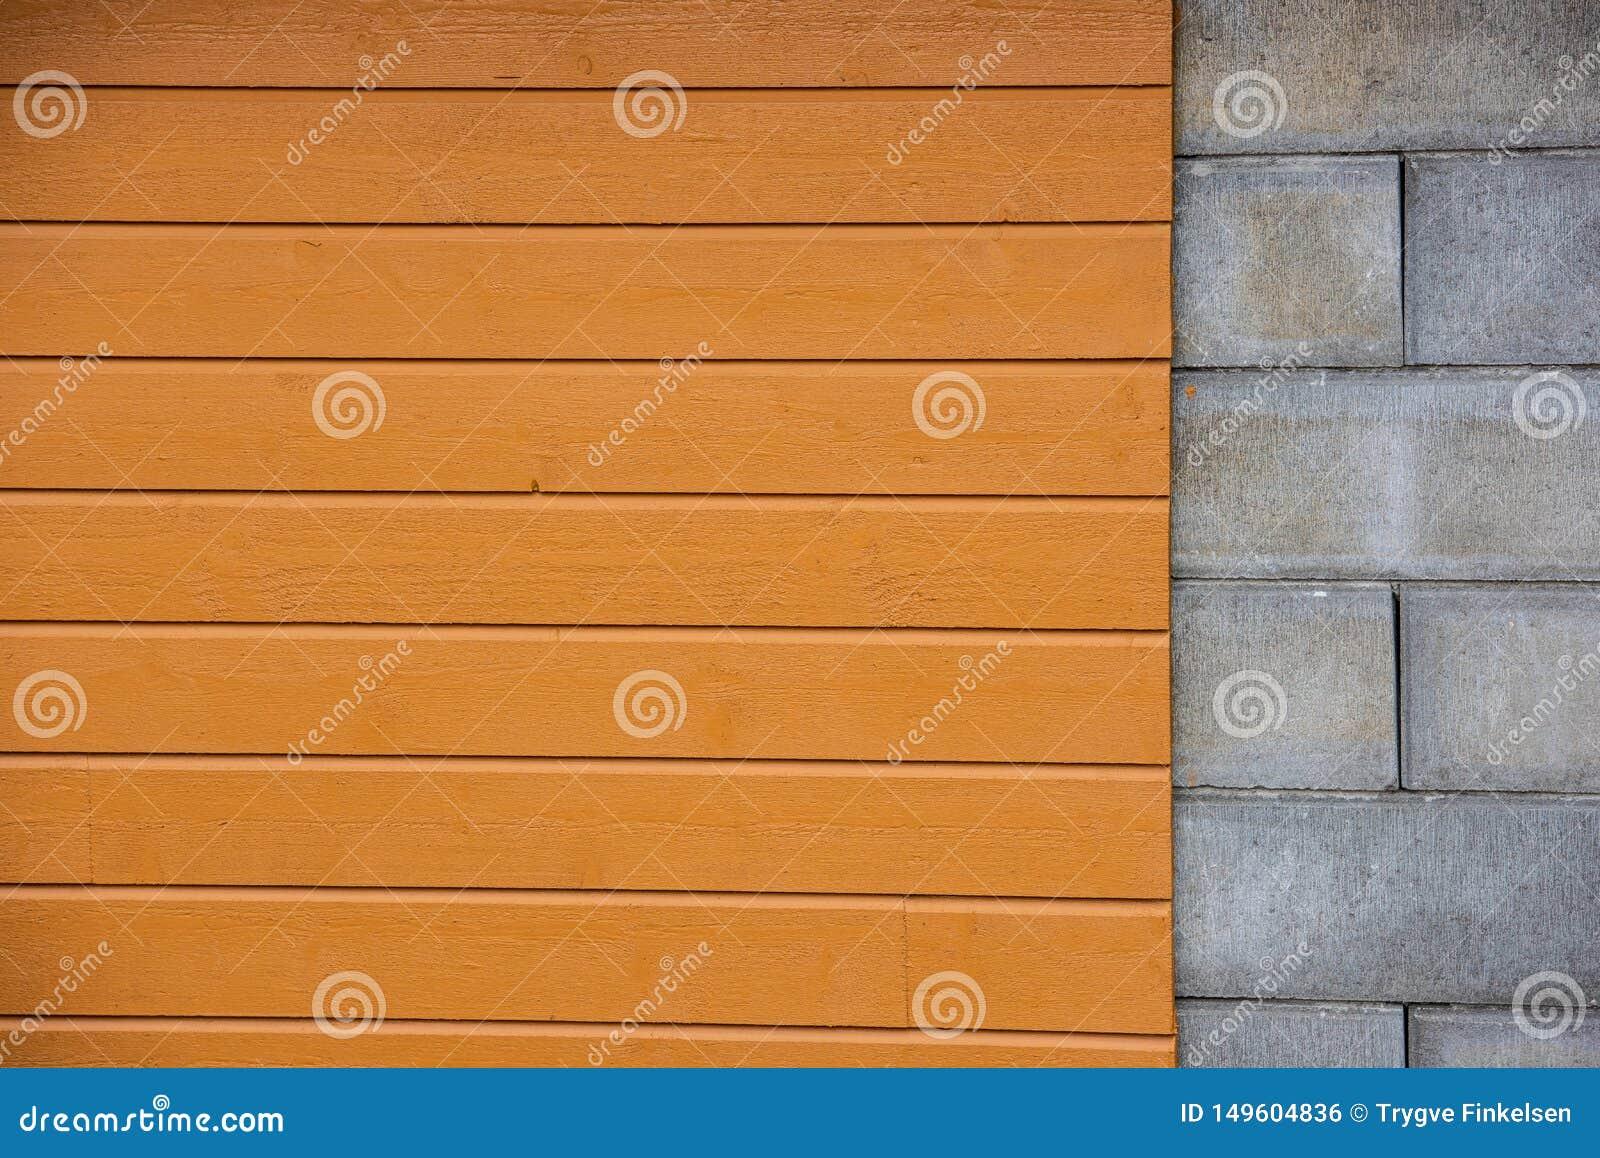 Стена с блоками цемента части, деревянные панели части желтые